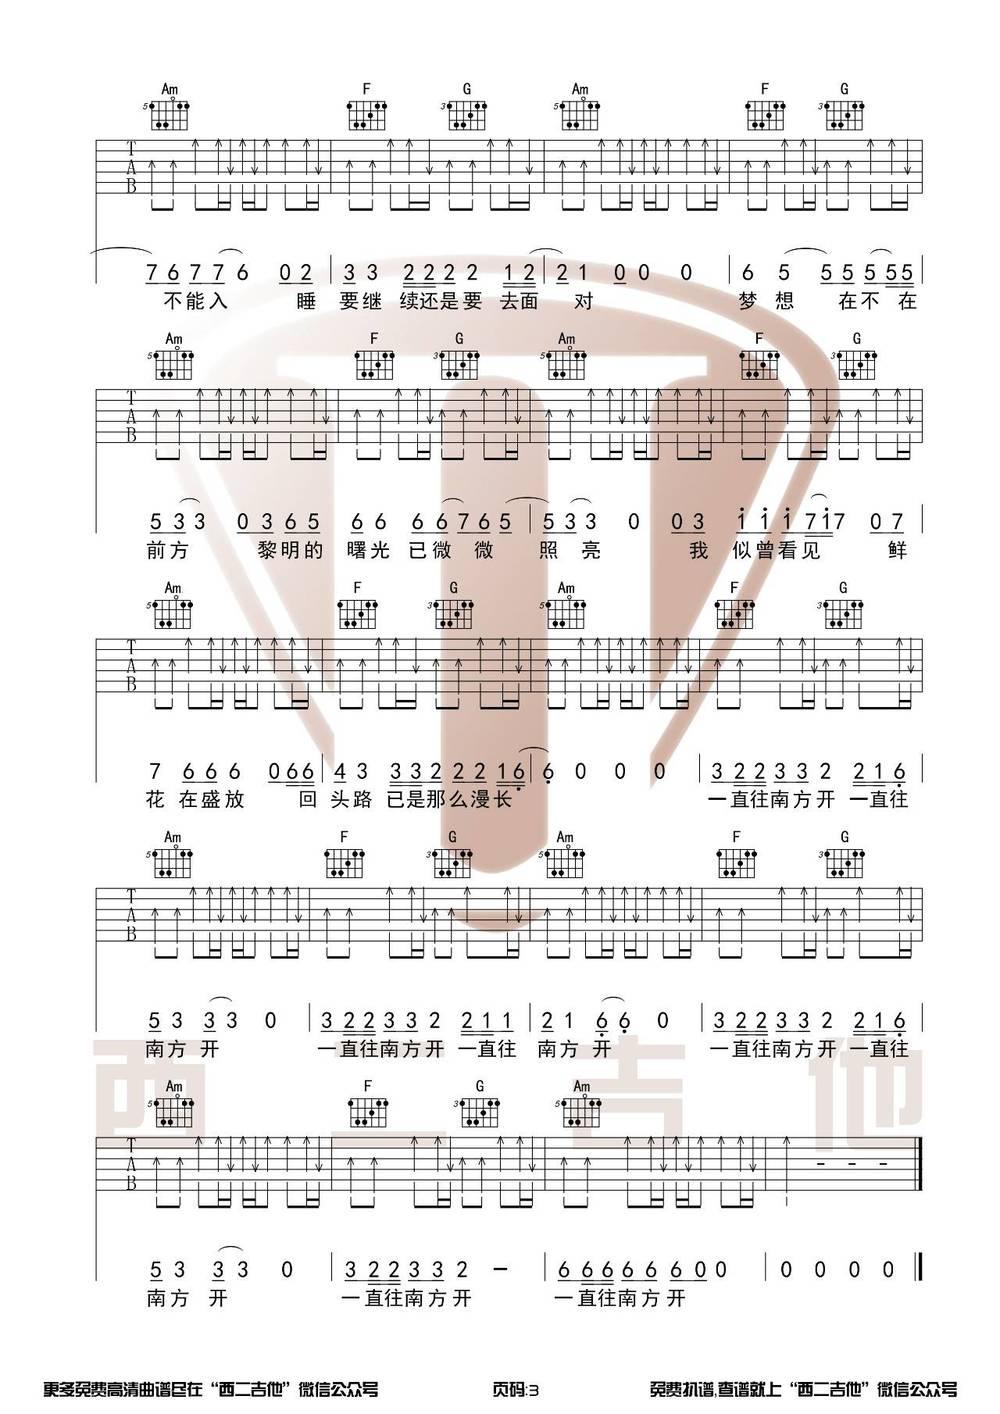 公路之歌吉他谱C调和弦编配 痛仰乐队 西二吉他制谱